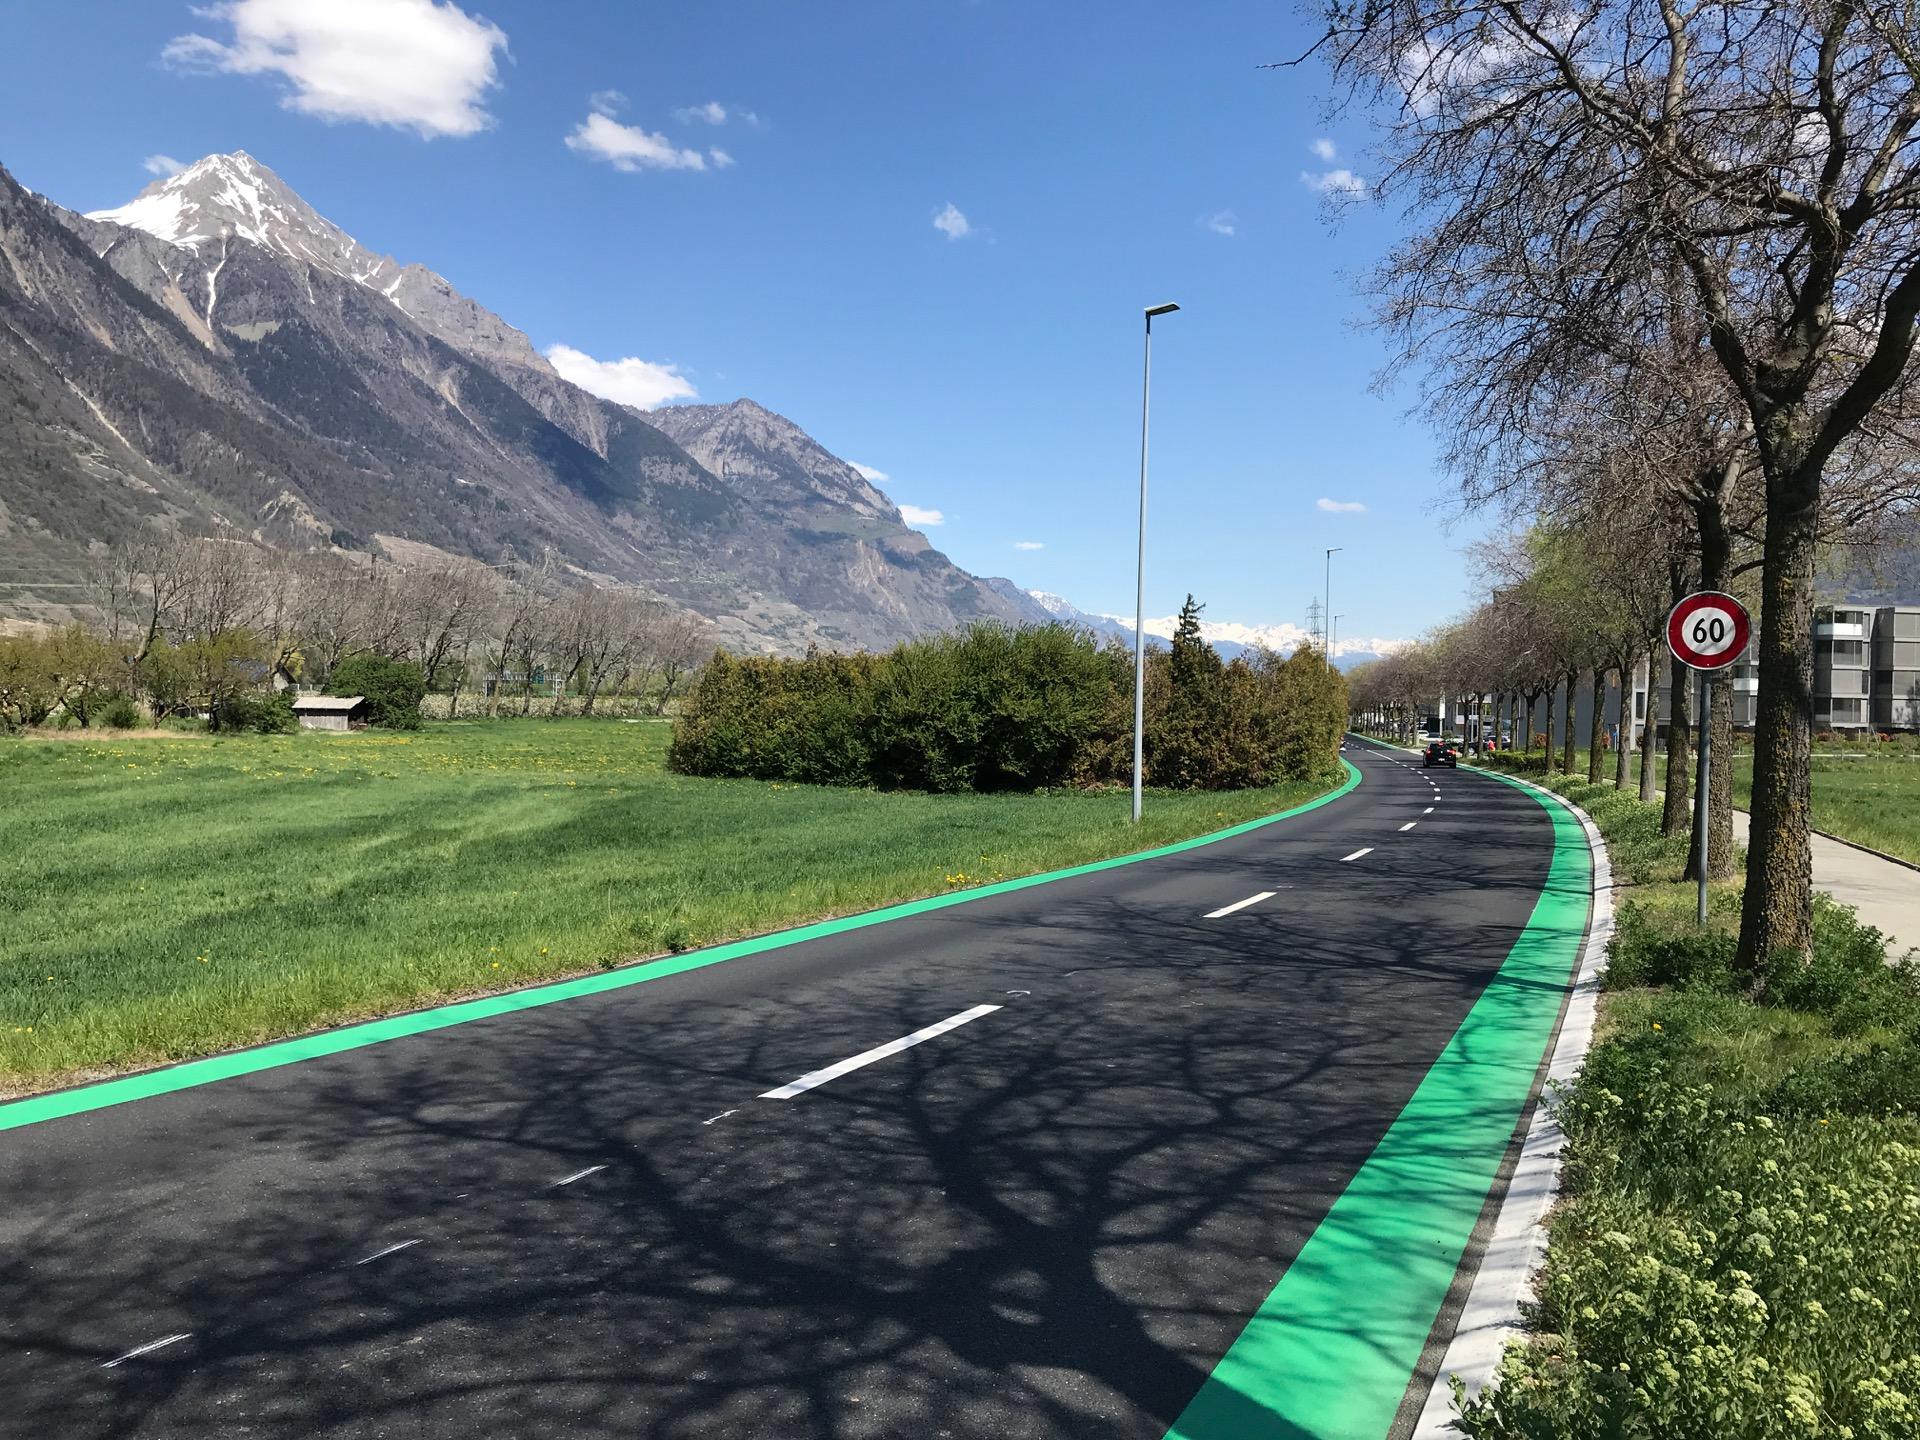 Idée folle à l'avenue des Grandes Maresches: réduire vraiment la largeur de la route et aménager une piste cyclable pour tous ceux qui habitent le quartier.